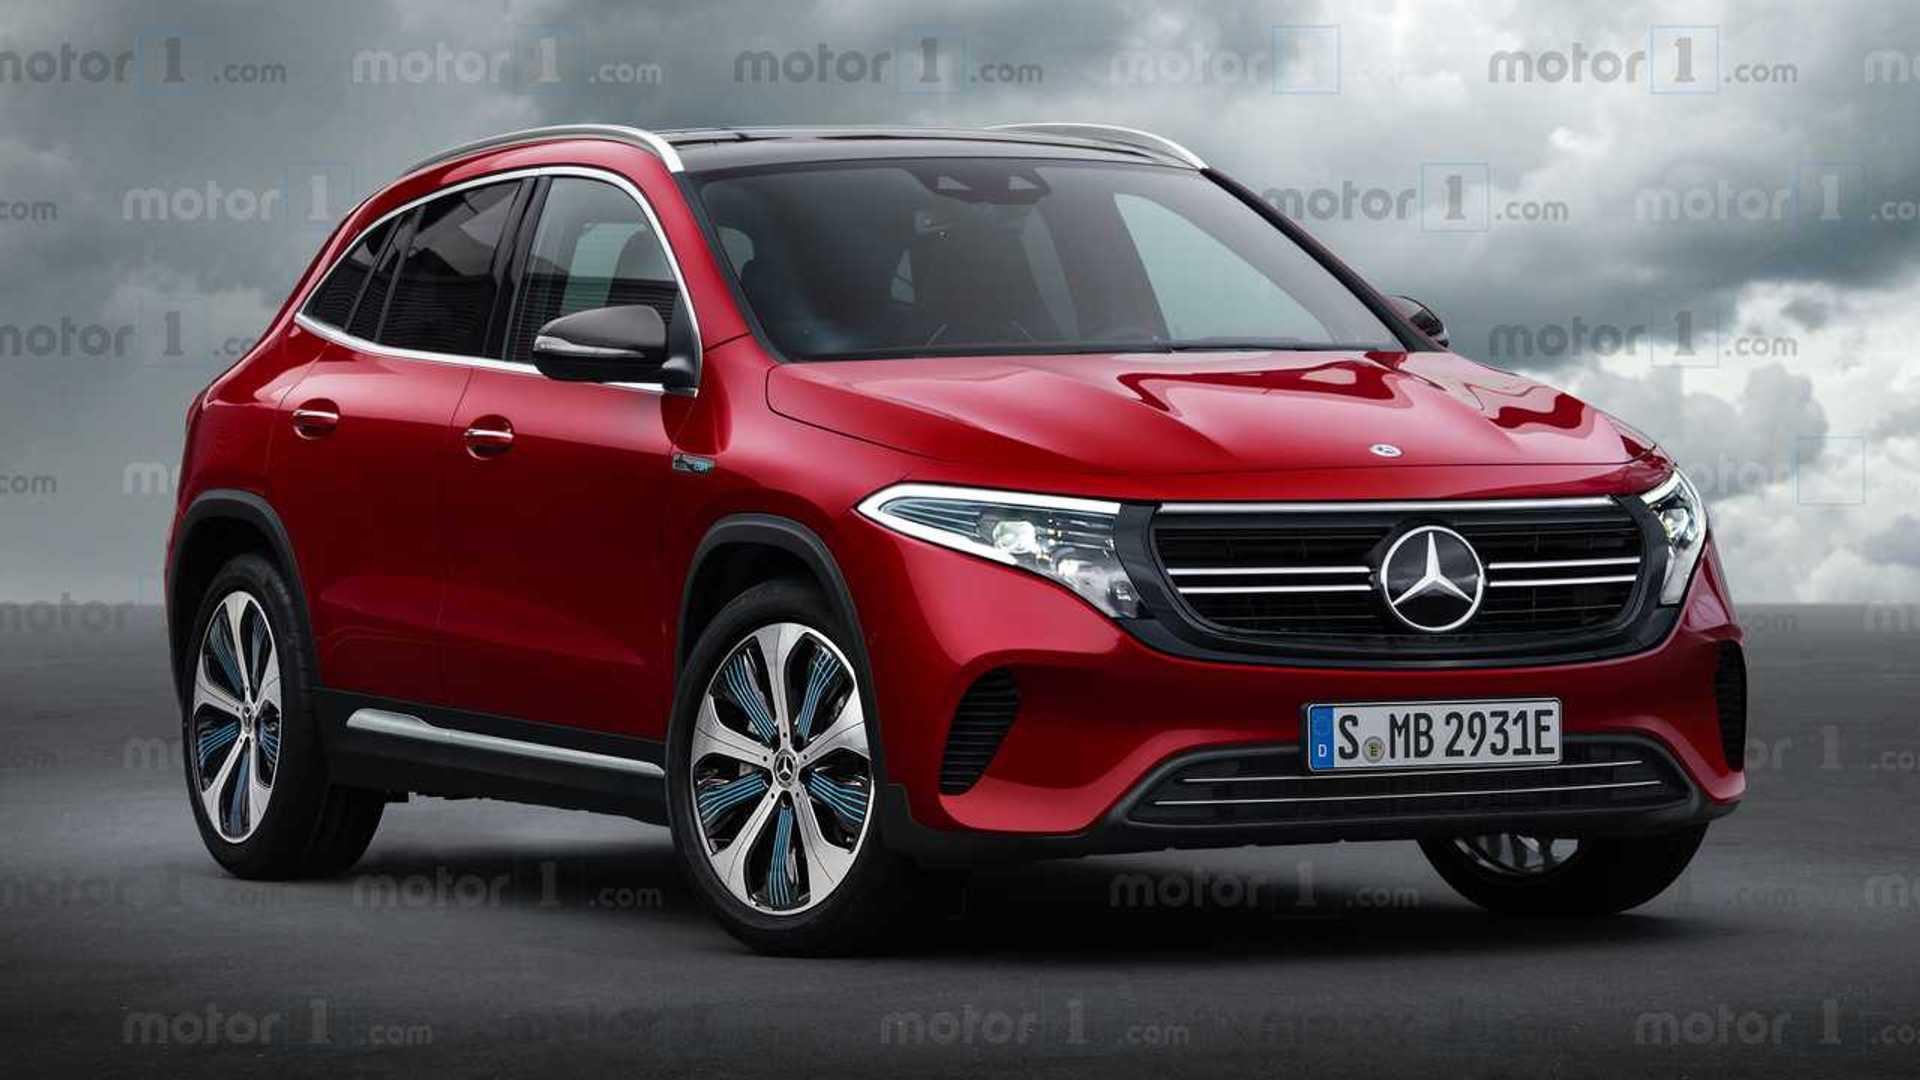 2020 - [Mercedes-Benz] EQ A - Page 3 Illustration-mercedes-benz-eqa